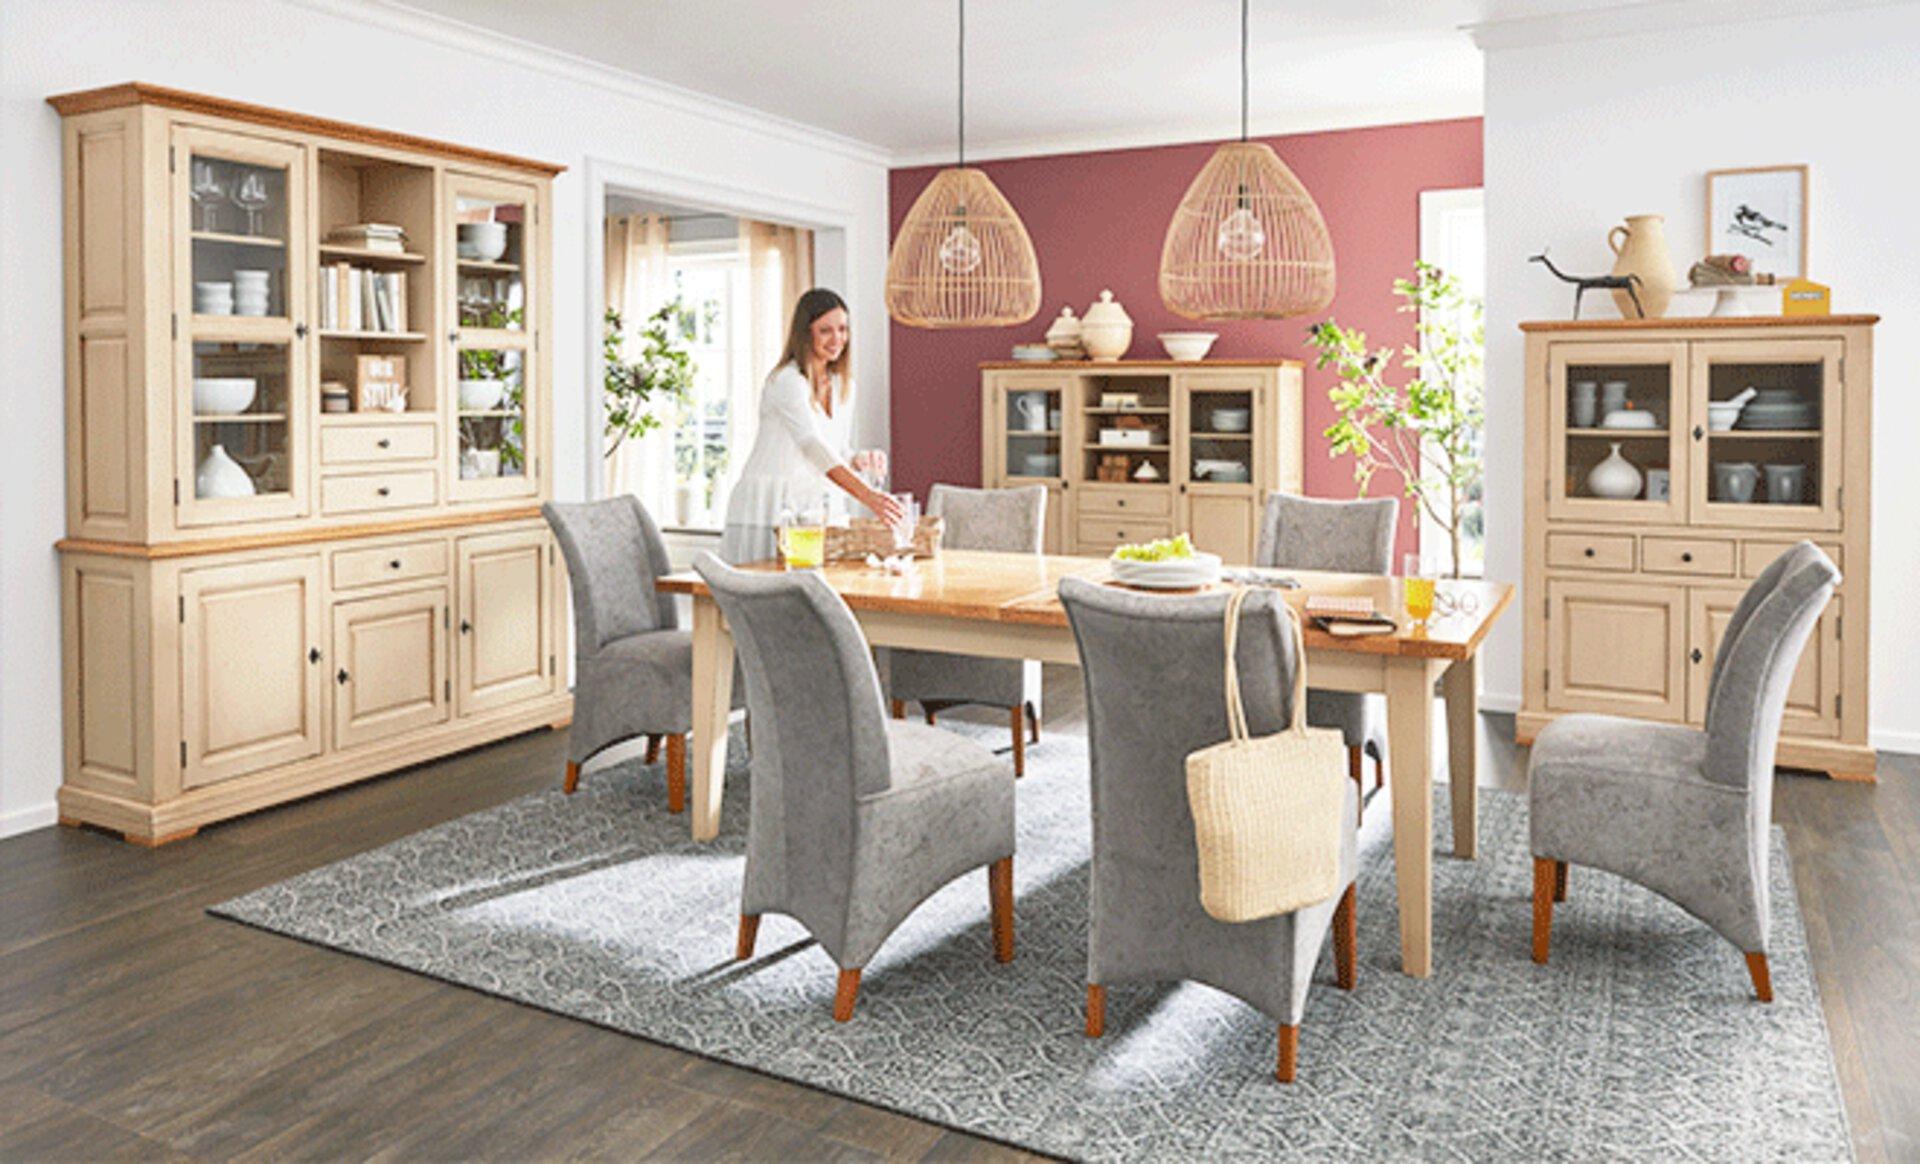 Esszimmer im Landhausstil mit naturbelassenen Holzmöbeln im typischen Bauernstyle.